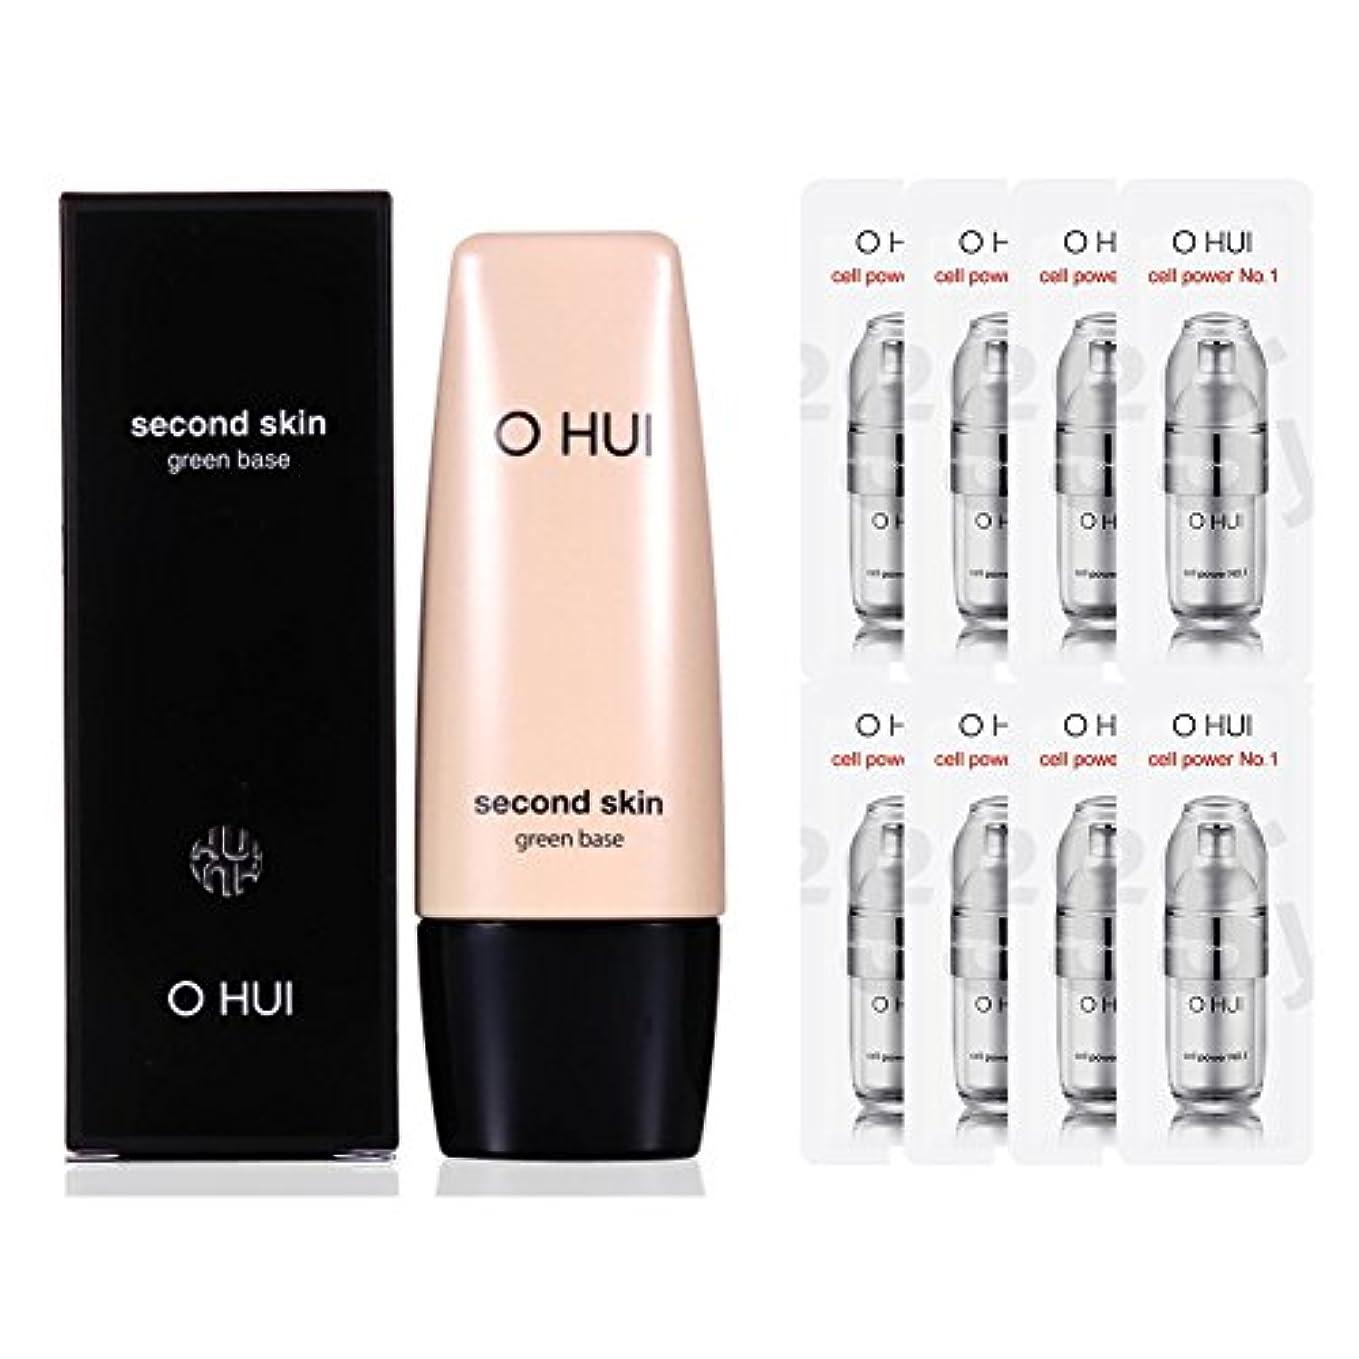 インタビュースタック特殊OHUI/オフィセカンドスキン グリーンベース (メイクアップベース) (OHUI SECOND SKIN GREEN BASE Makeup Base set) スポット [海外直送品]